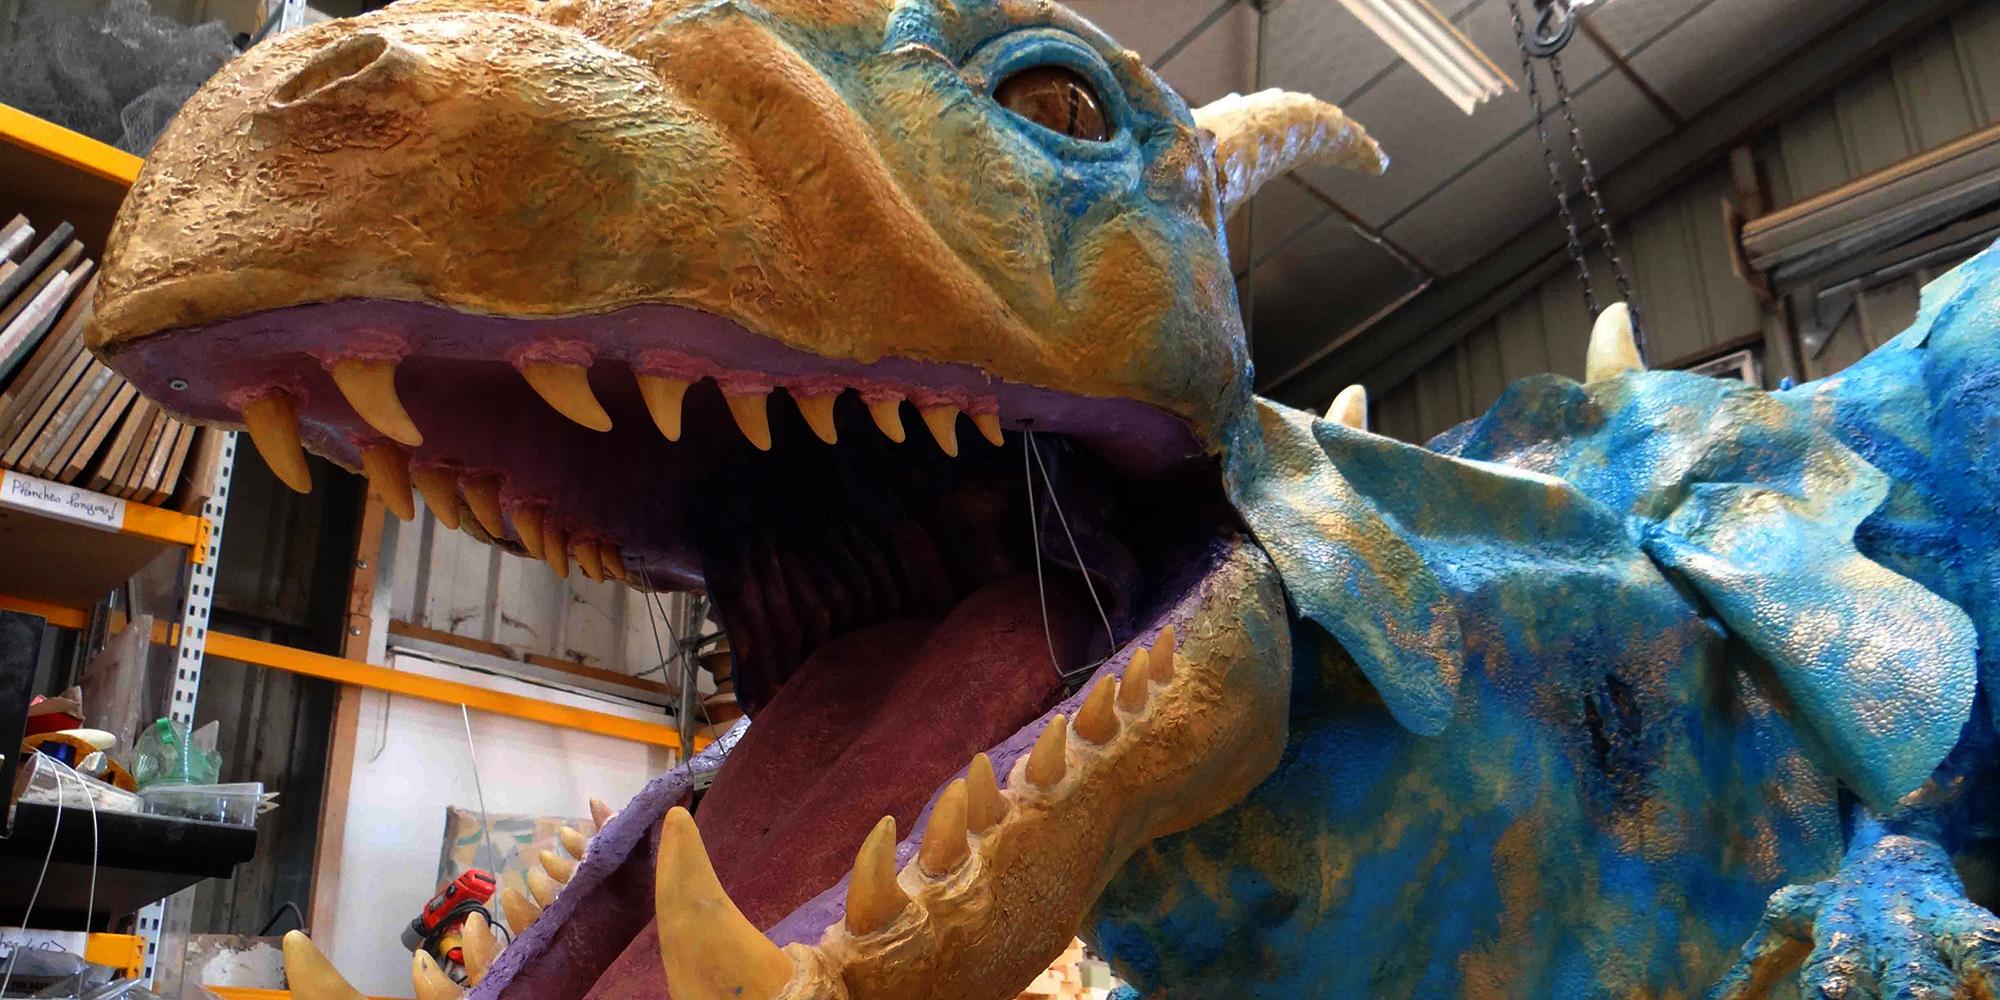 sculpture de dragon avec gueule ouvrante par mâchoire inférieure mobile